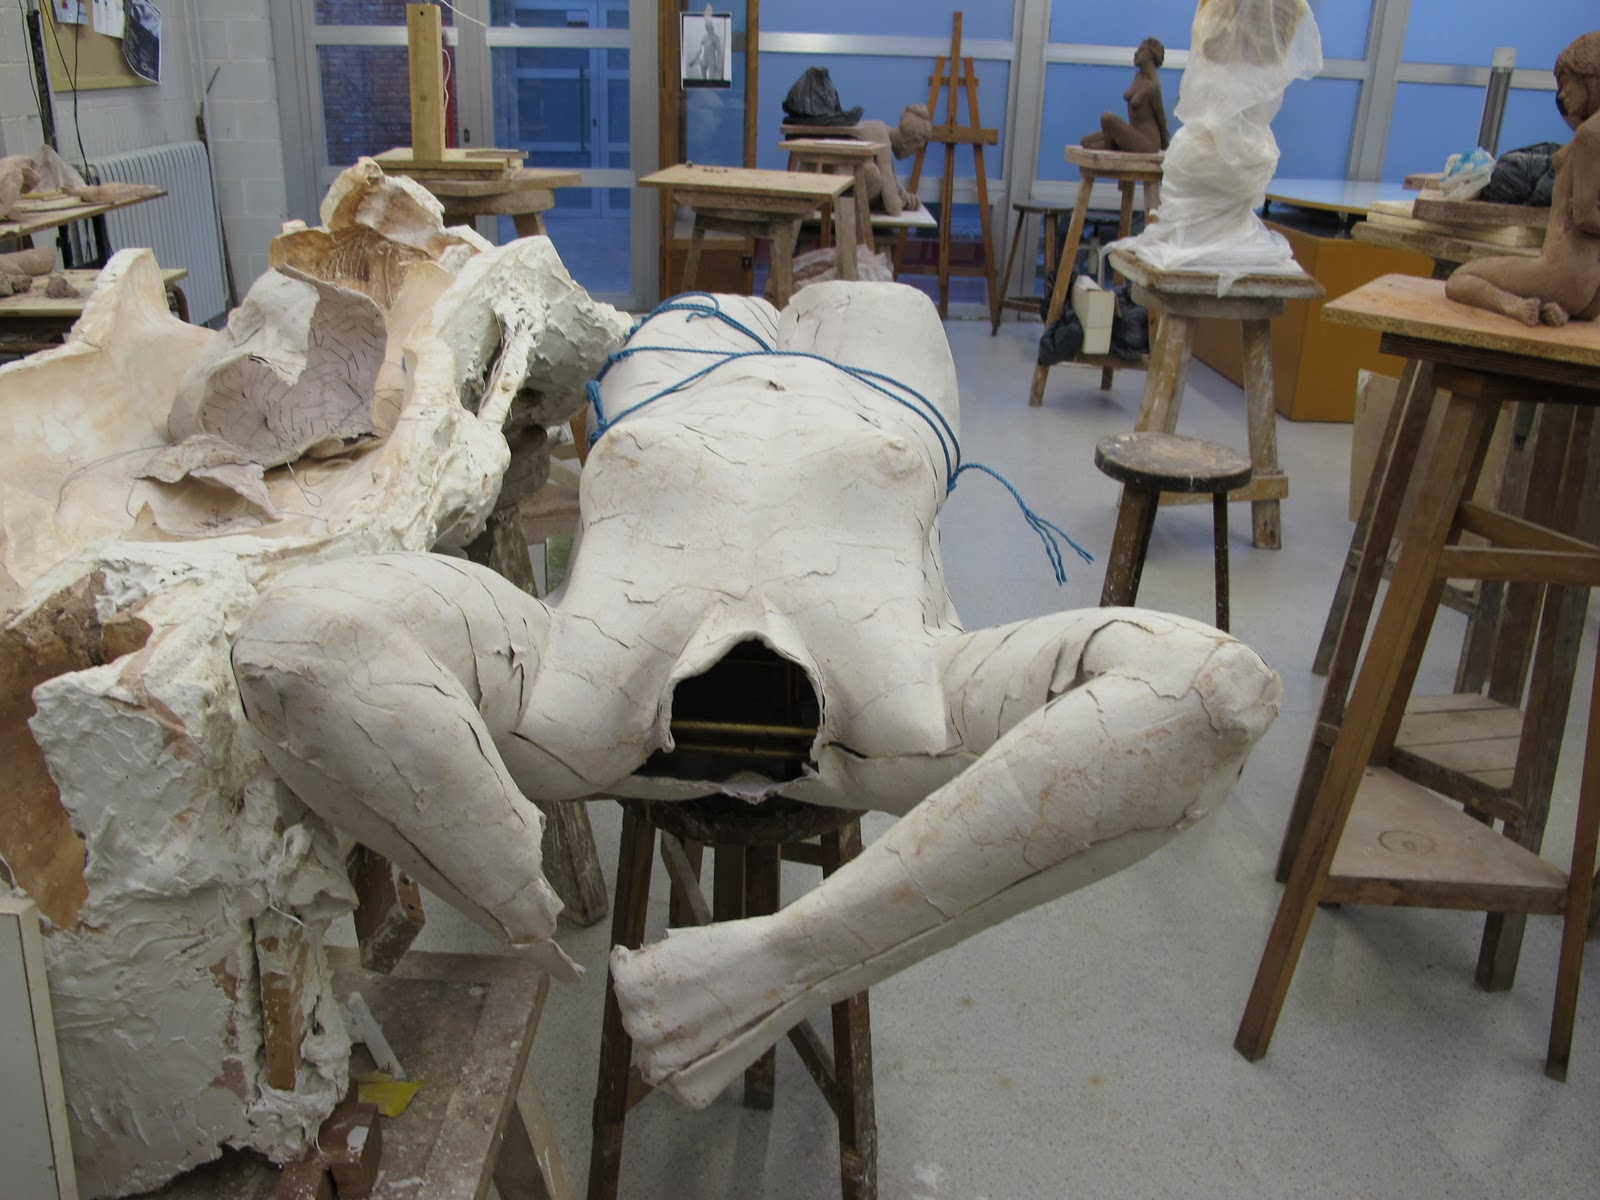 luego se puede masillar con estucos a base de escayolas para luego pulir y pintar al gusto del escultor esta tcnica es la que utilizan los maestros